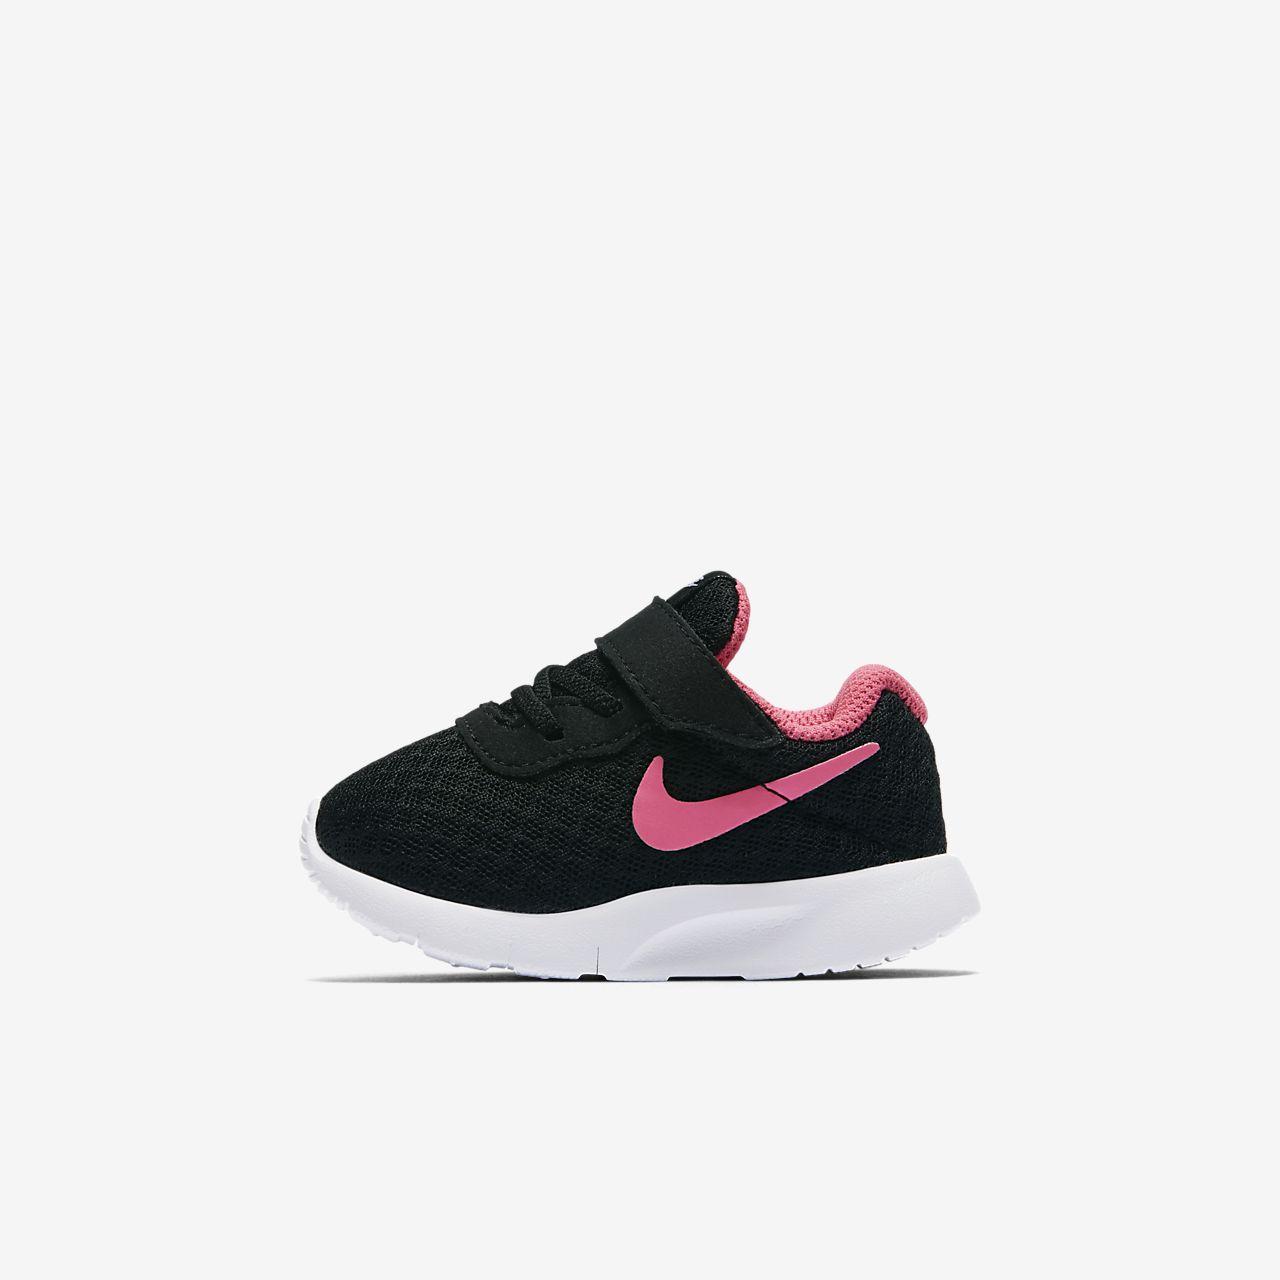 Nl Voor Nike Baby'speuters Tanjun Schoen 27 177x4qo 17 9WE2HYDI